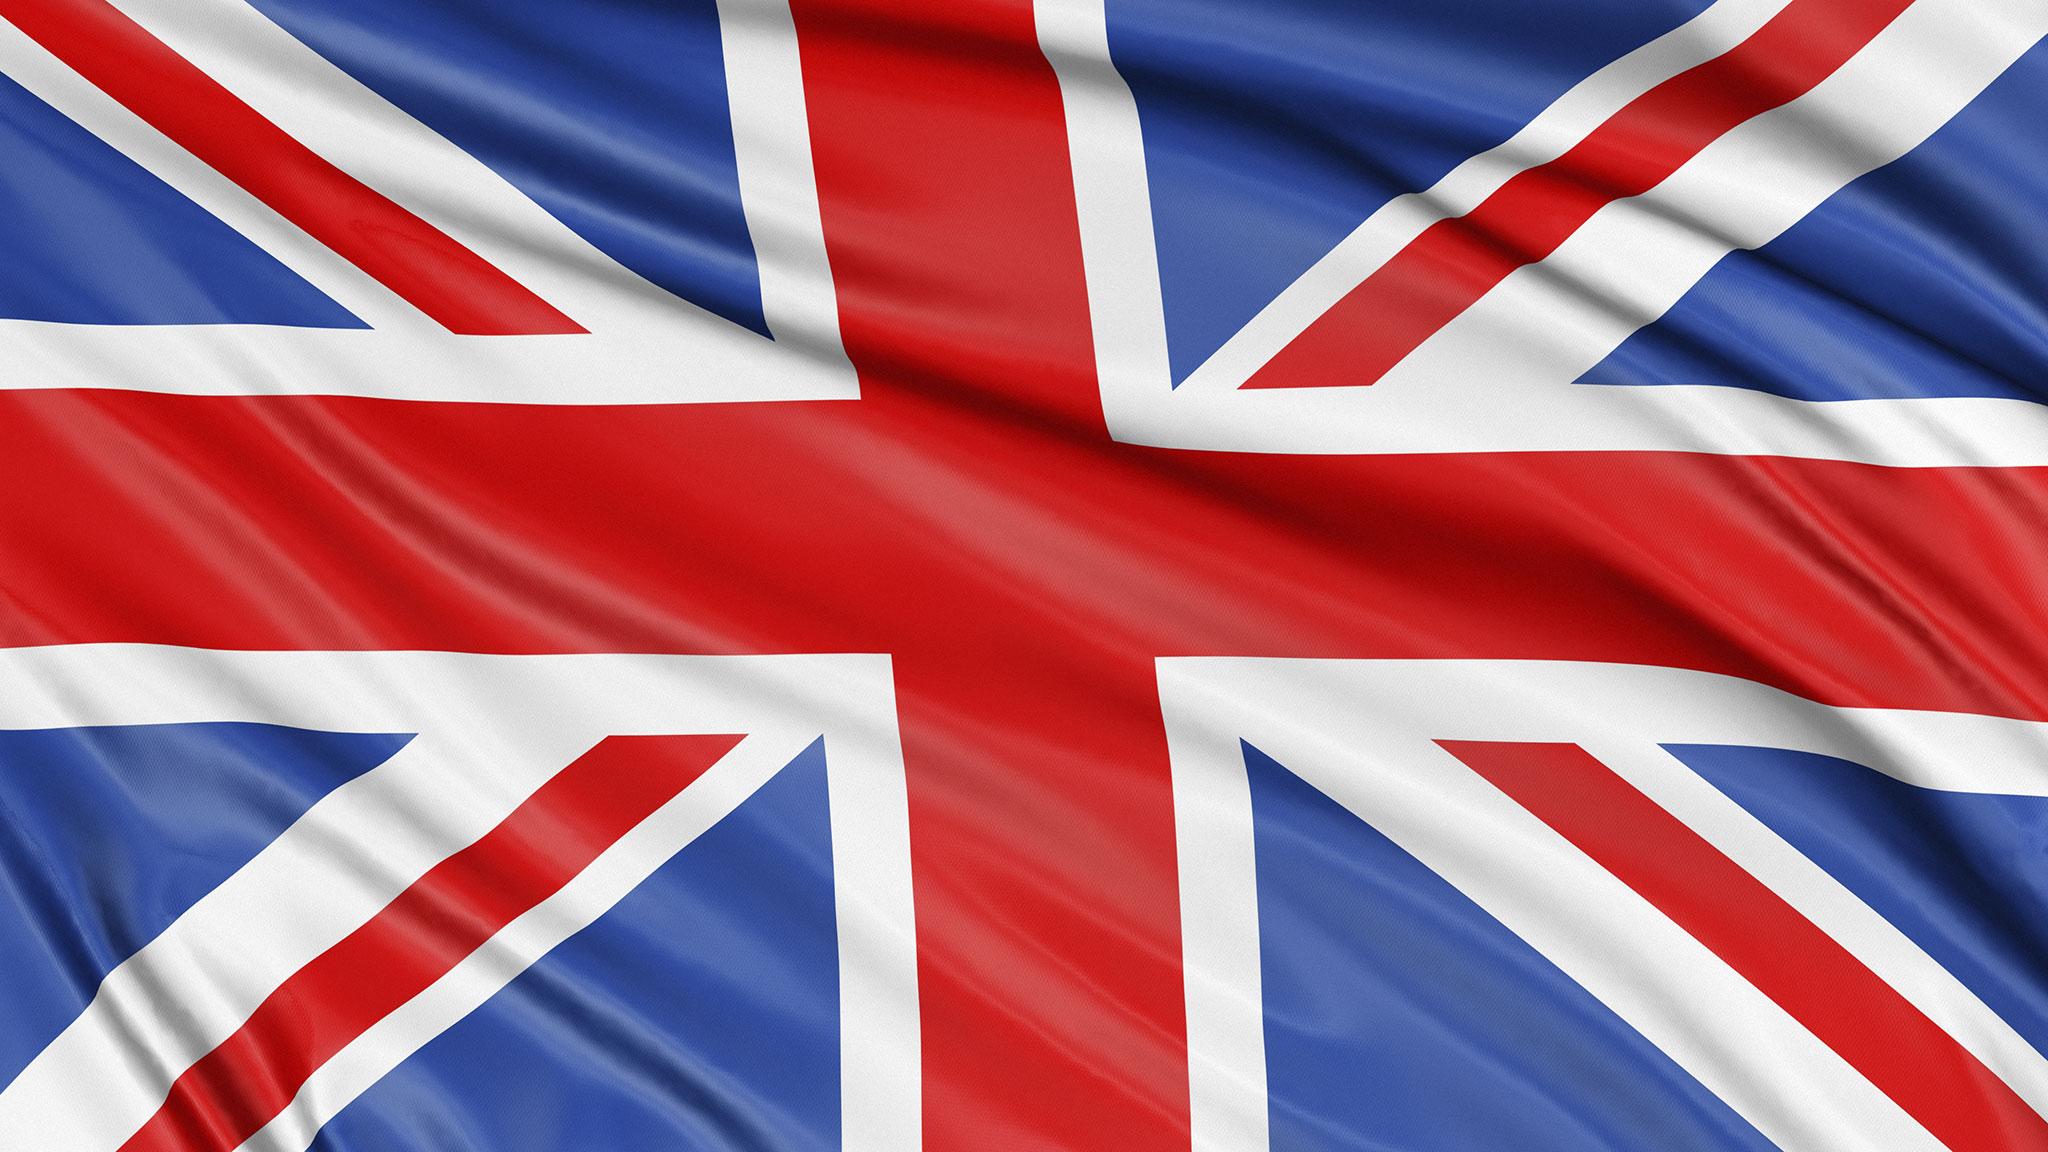 UK Competition & Markets Authority (CMA)